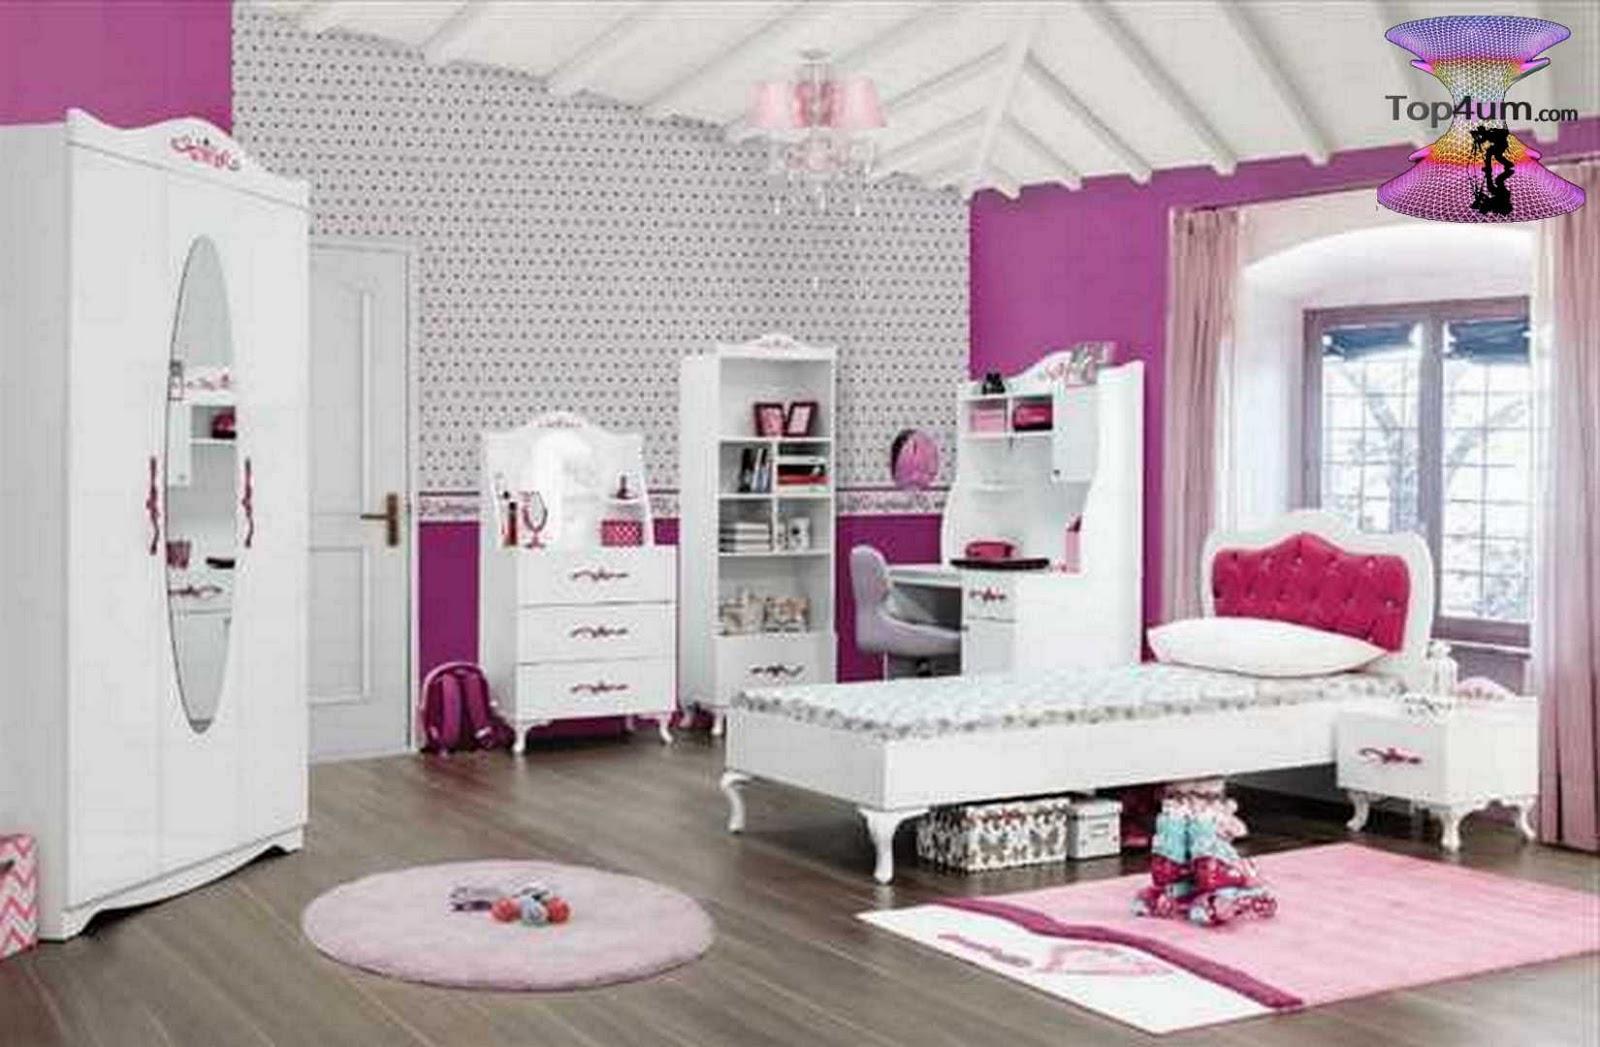 صور غرف نوم اطفال 1 1